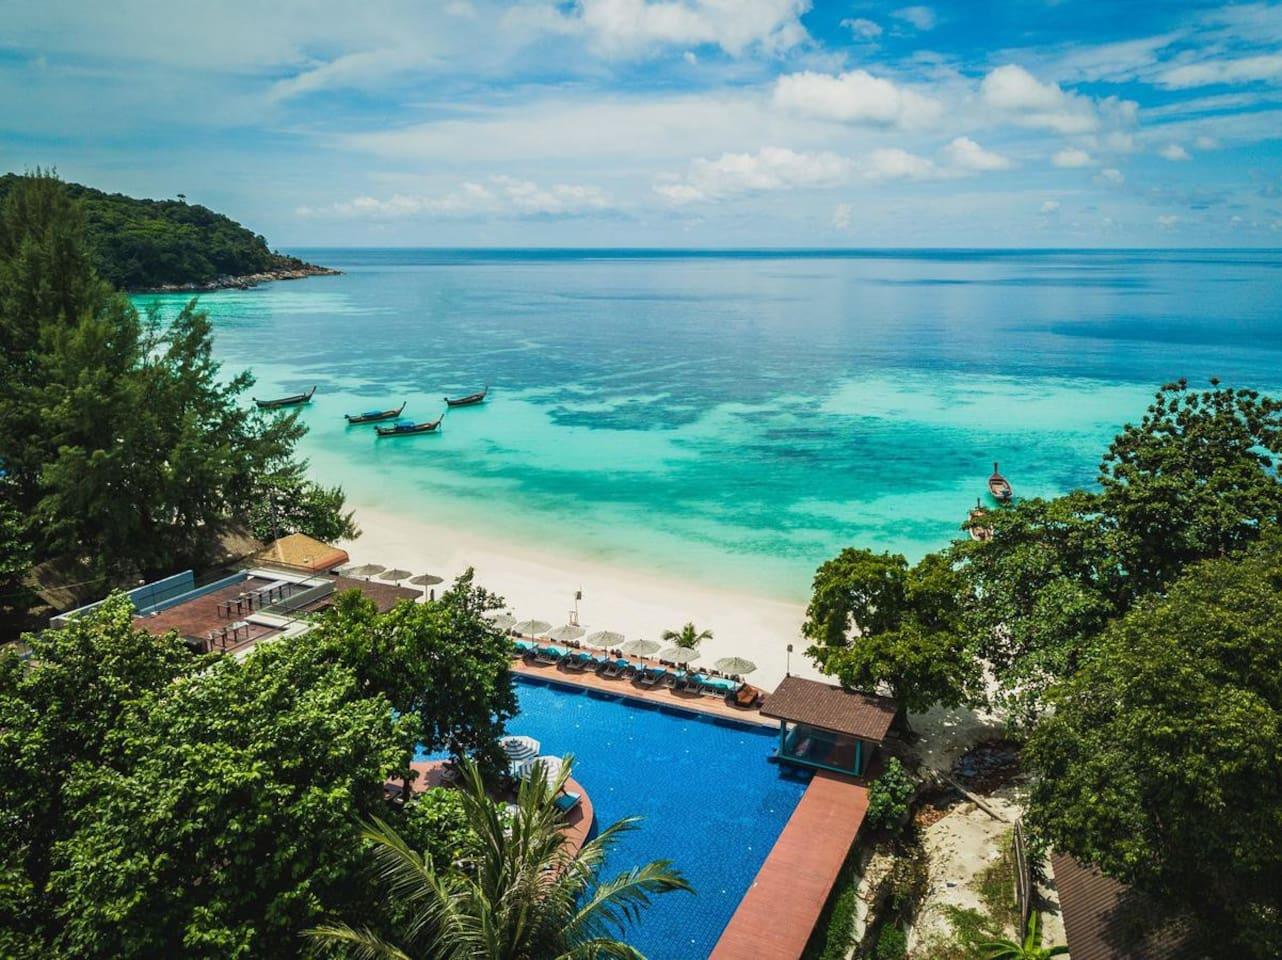 Beachfront location in Pattaya beach, Ko Lipe